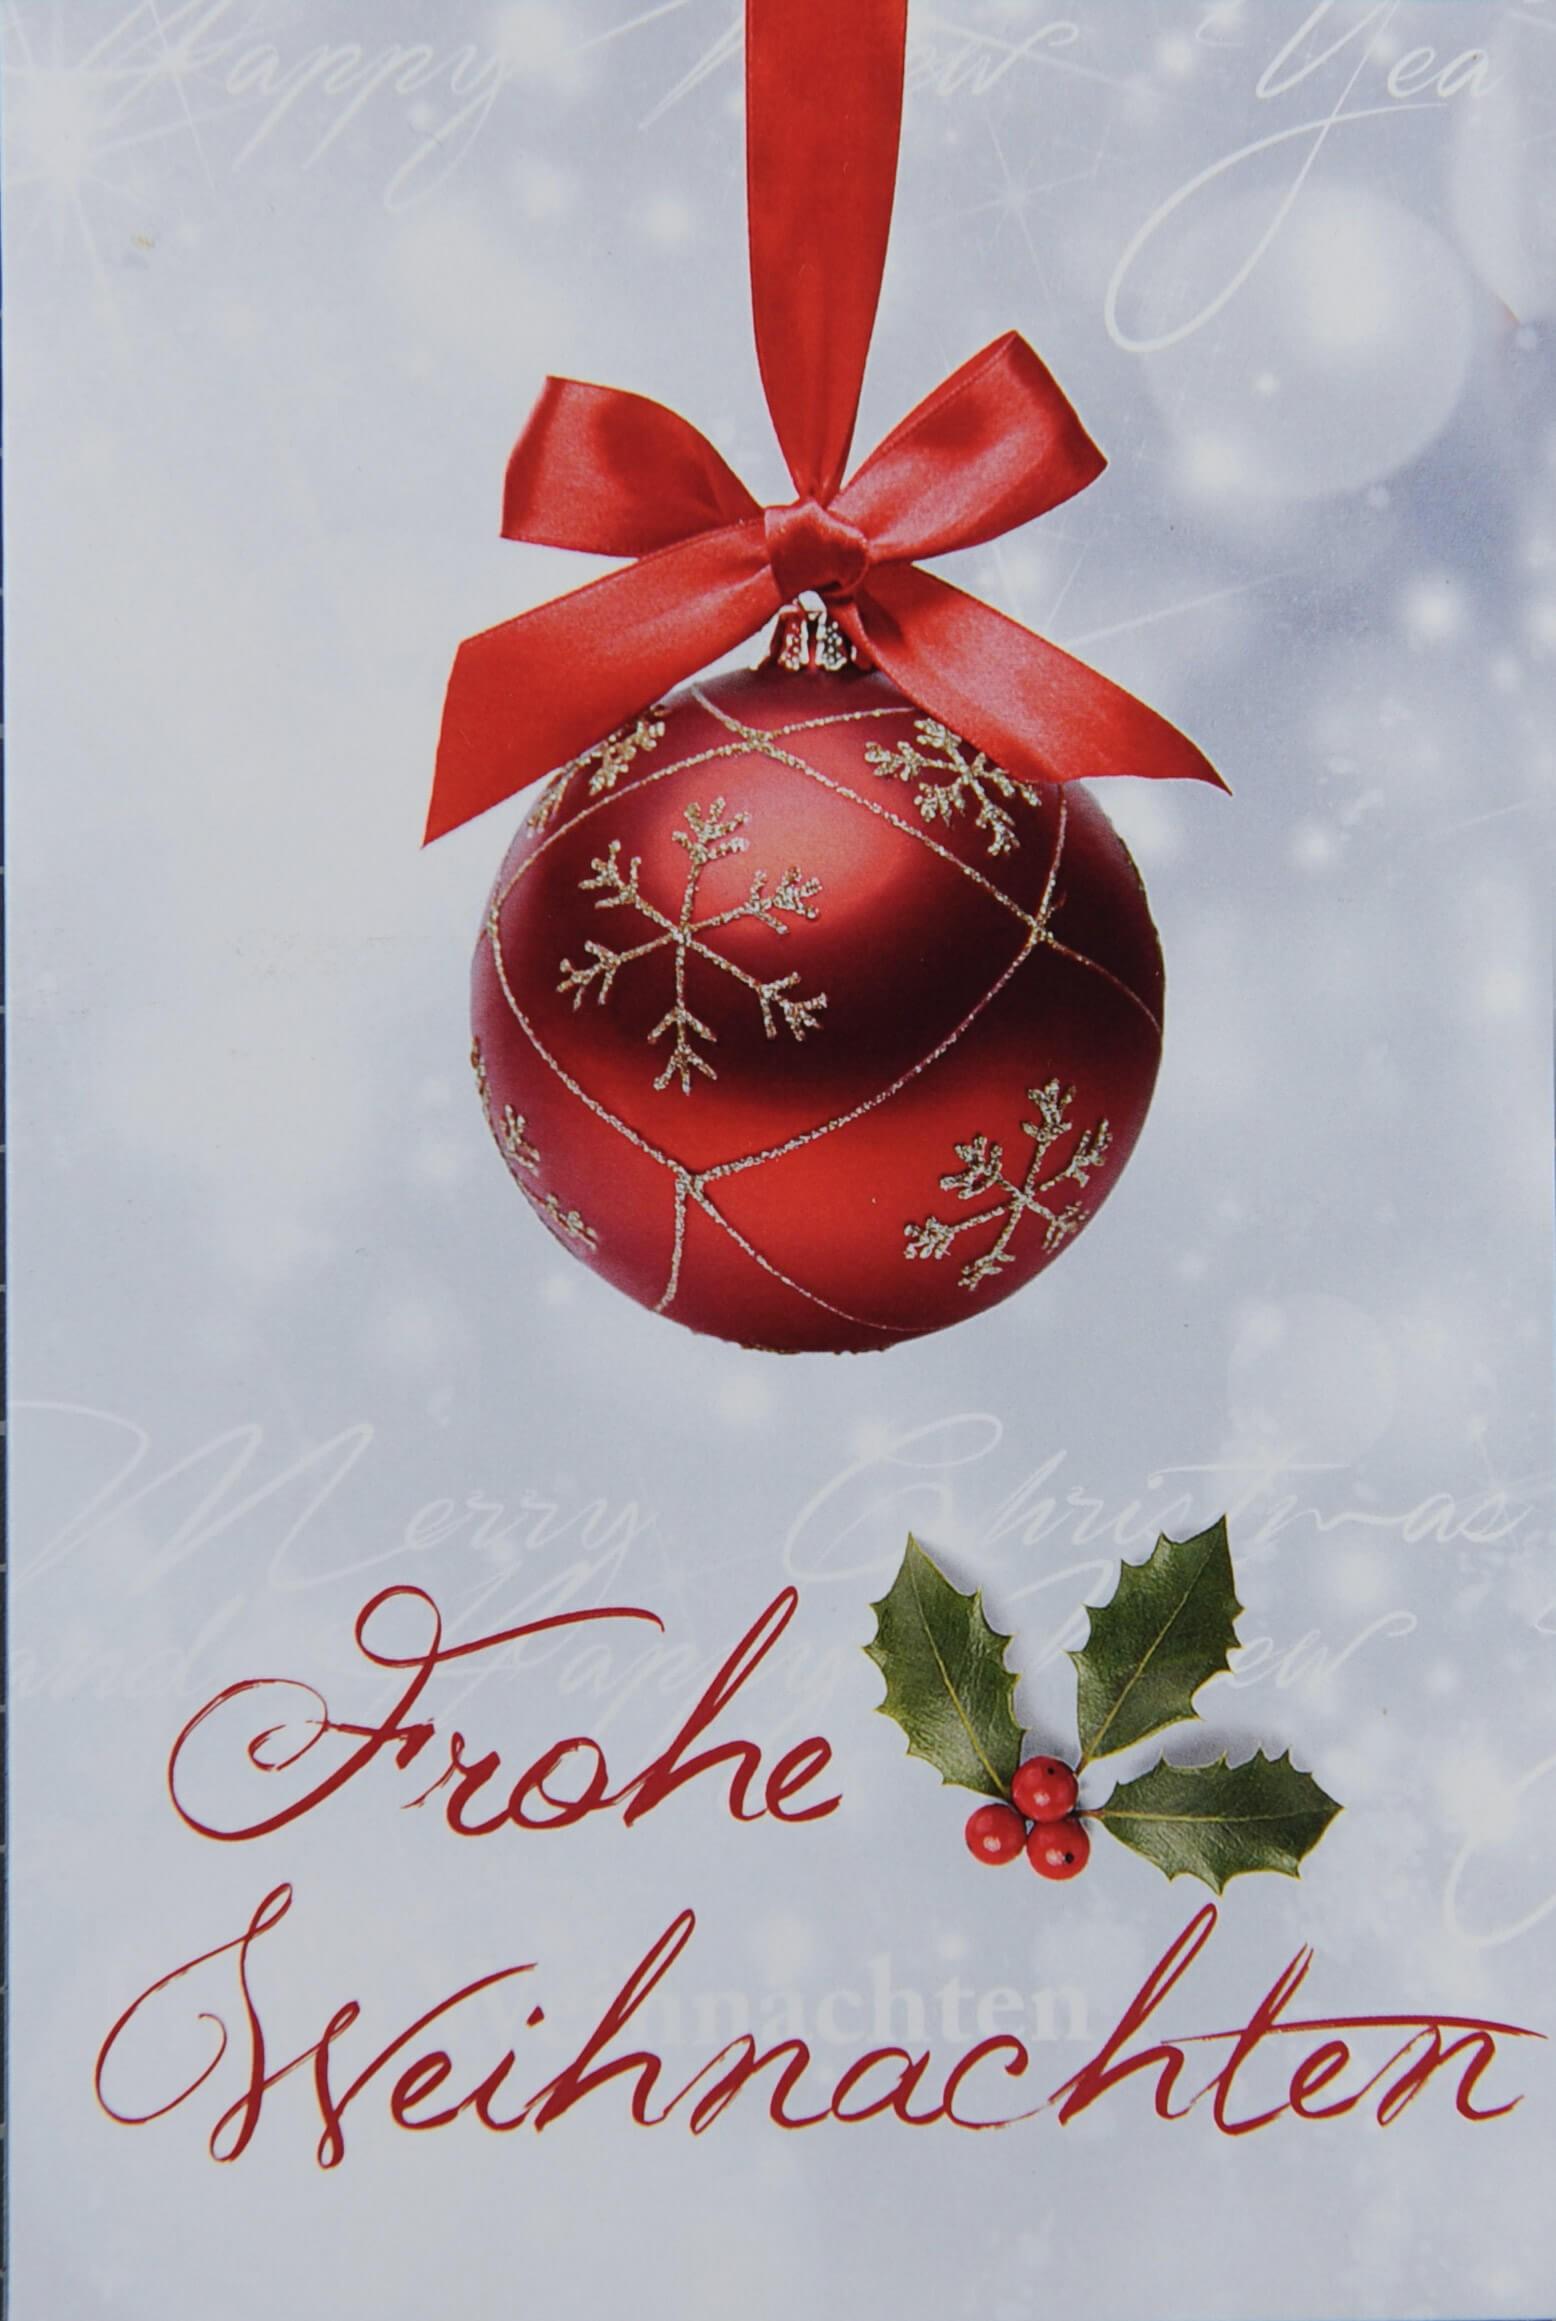 Weihnachtsgrüße Klassisch.Weihnachtskarte Mit Roter Christbaumkugel Und Frohe Weihnachten